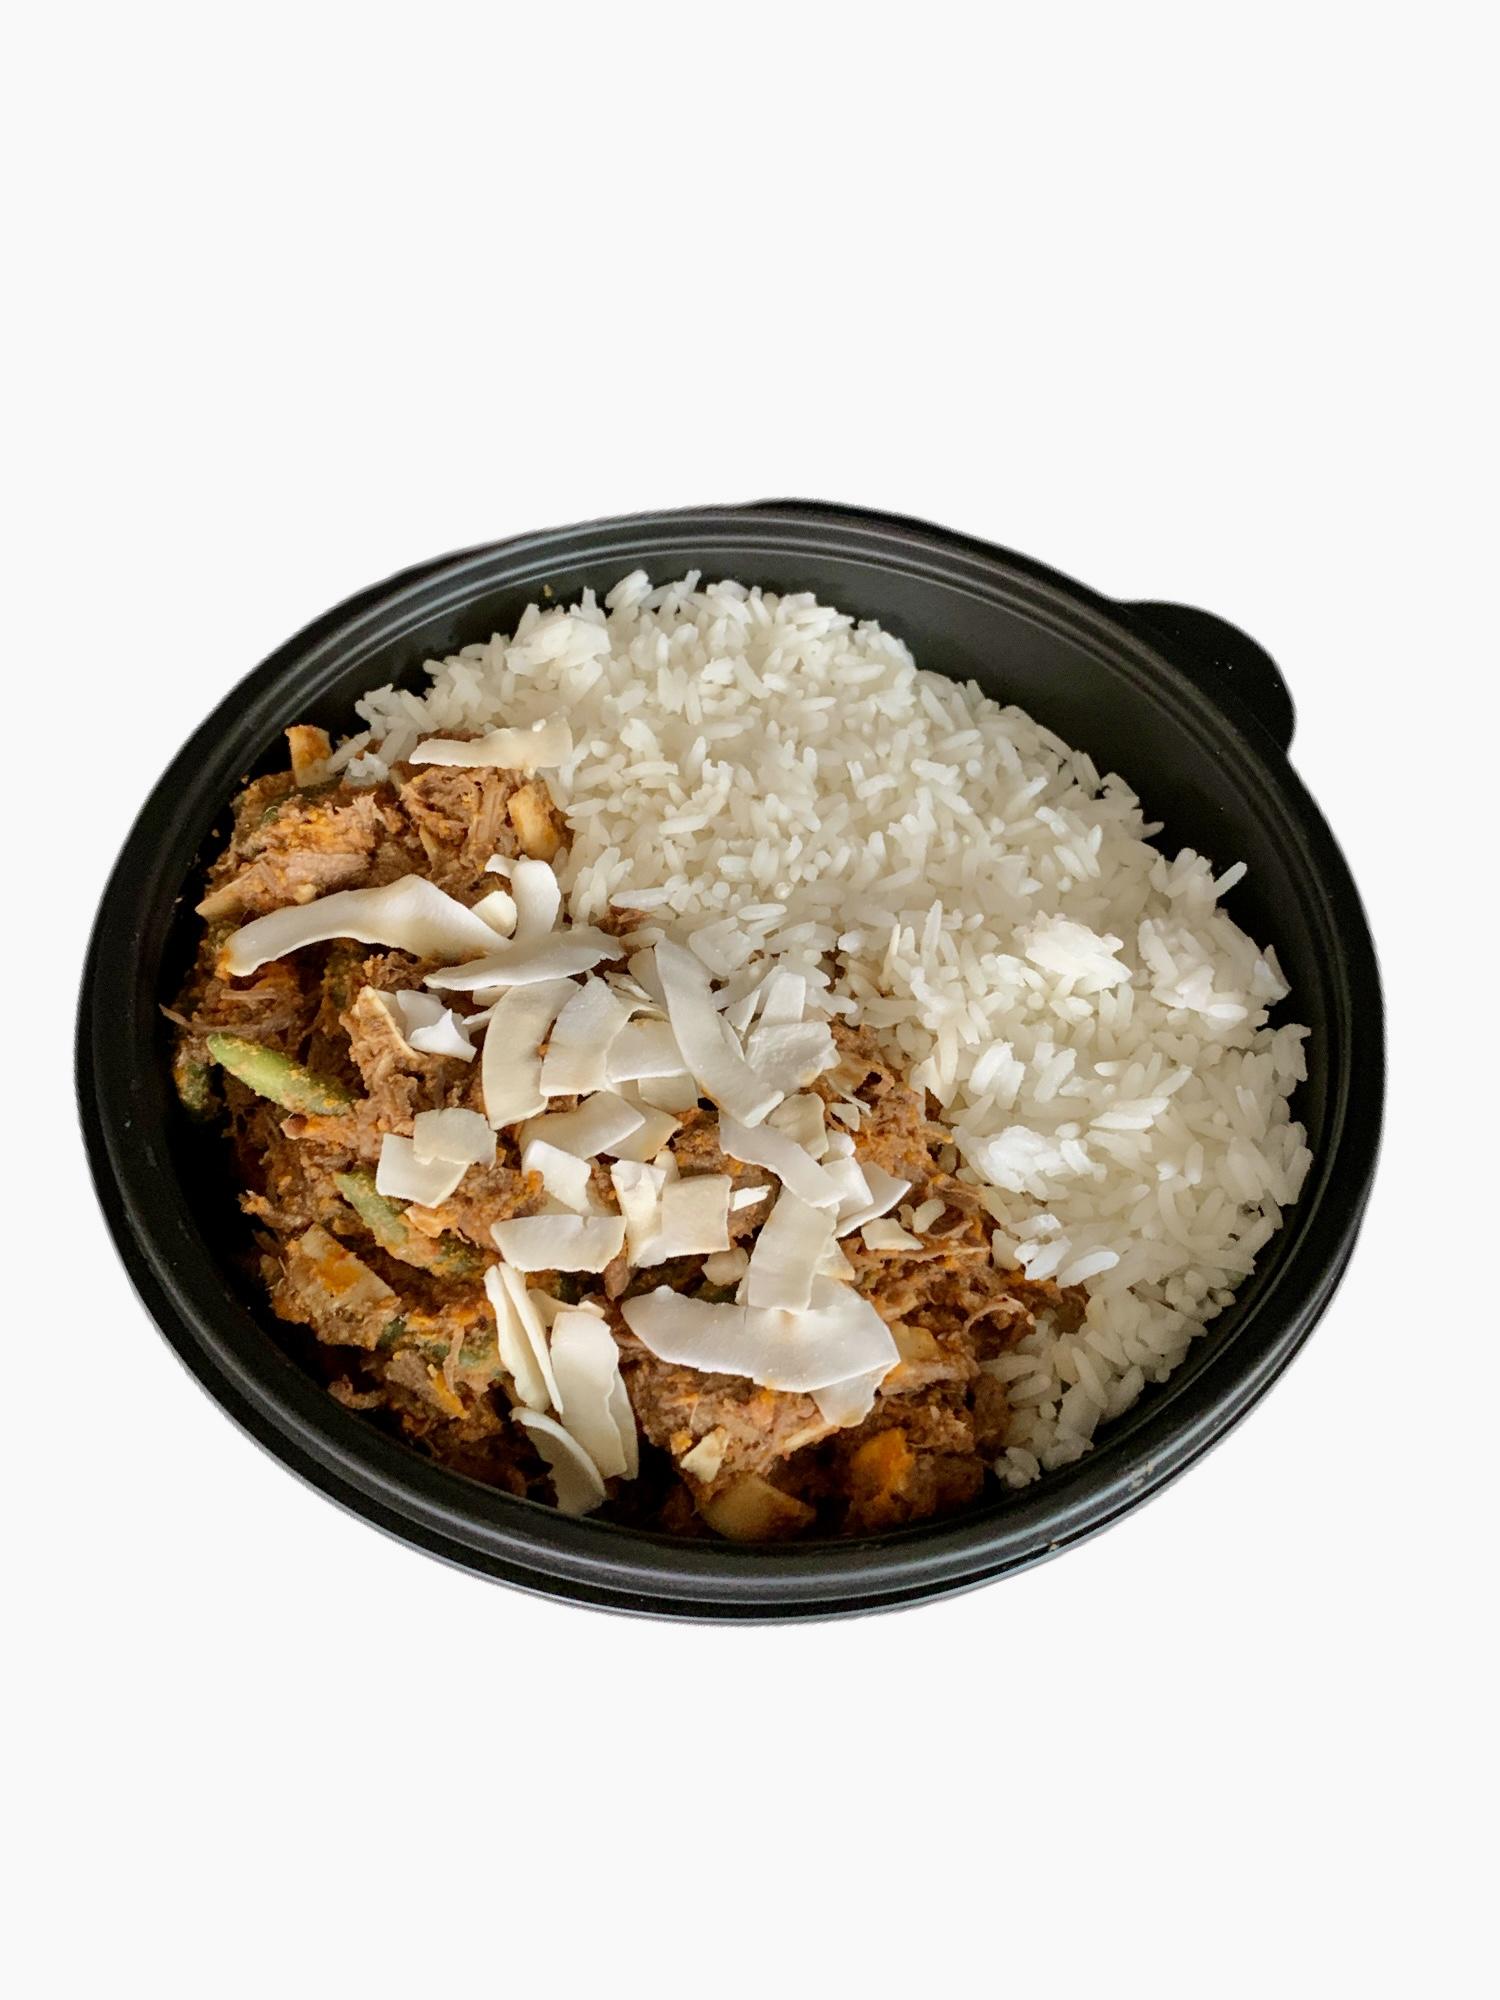 Maaltijd rundvleesstoofpotje met witte rijst